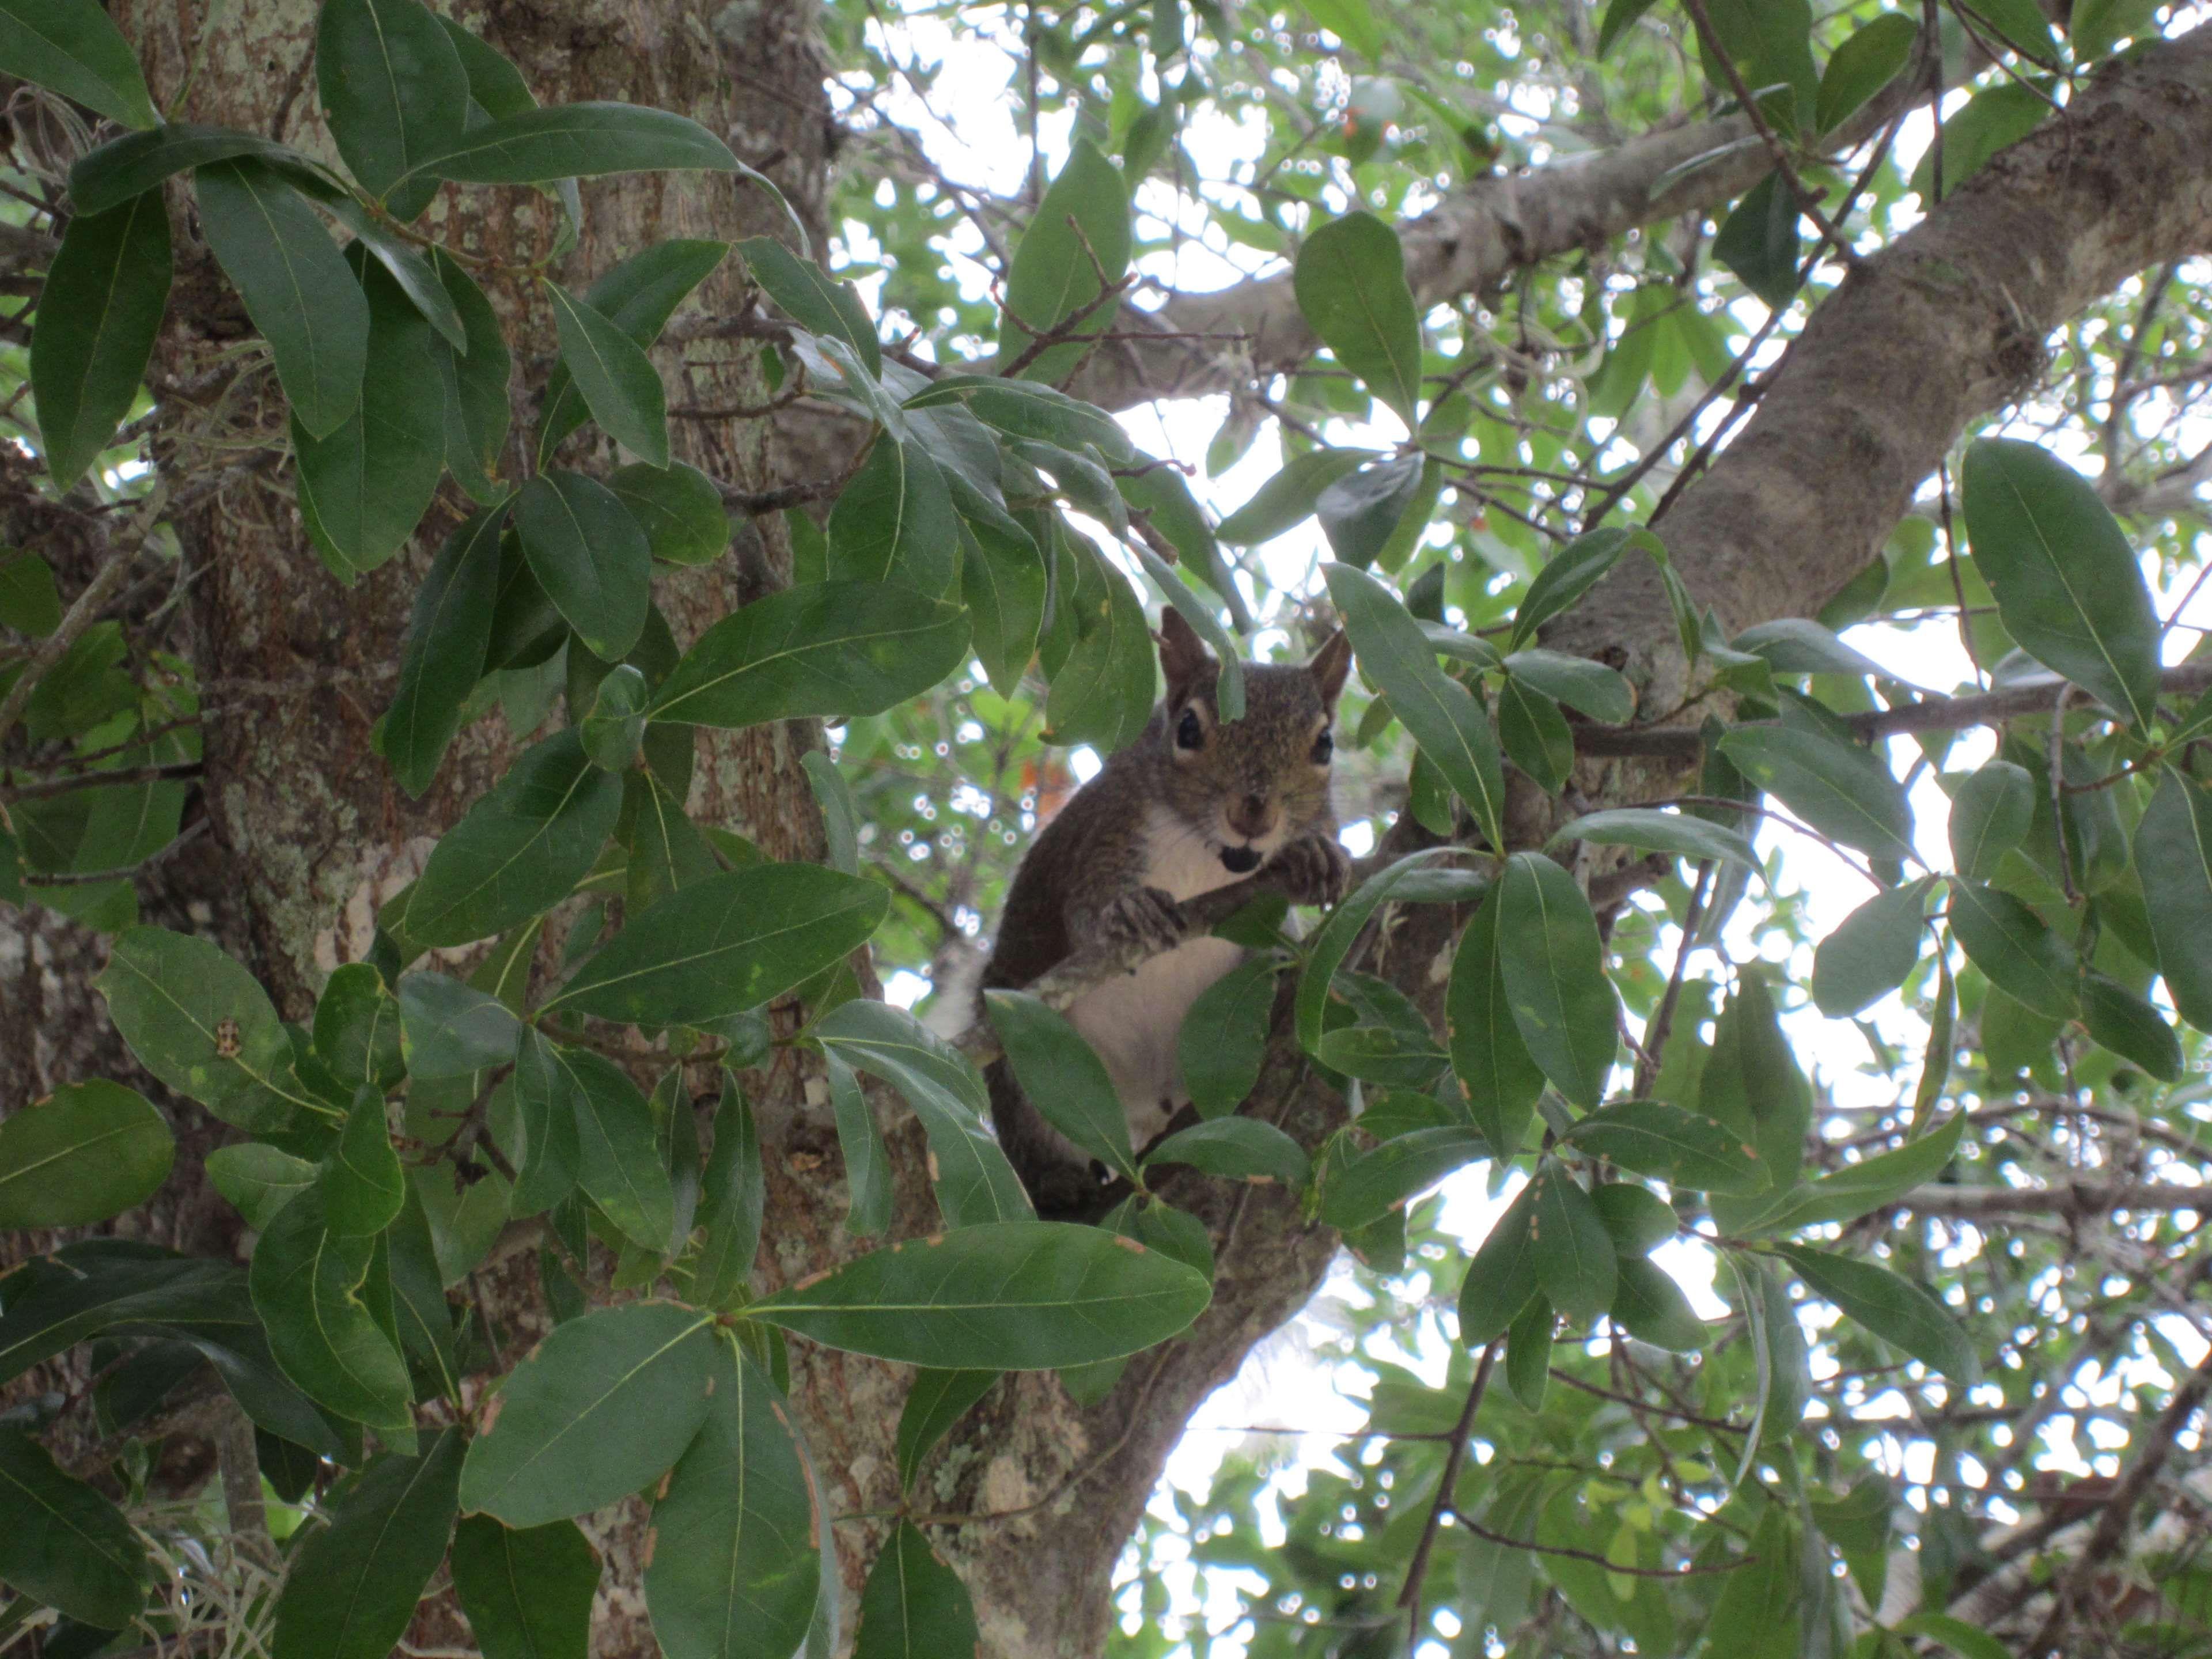 #albero #green #scoiattolo #squirrel #tree #verde